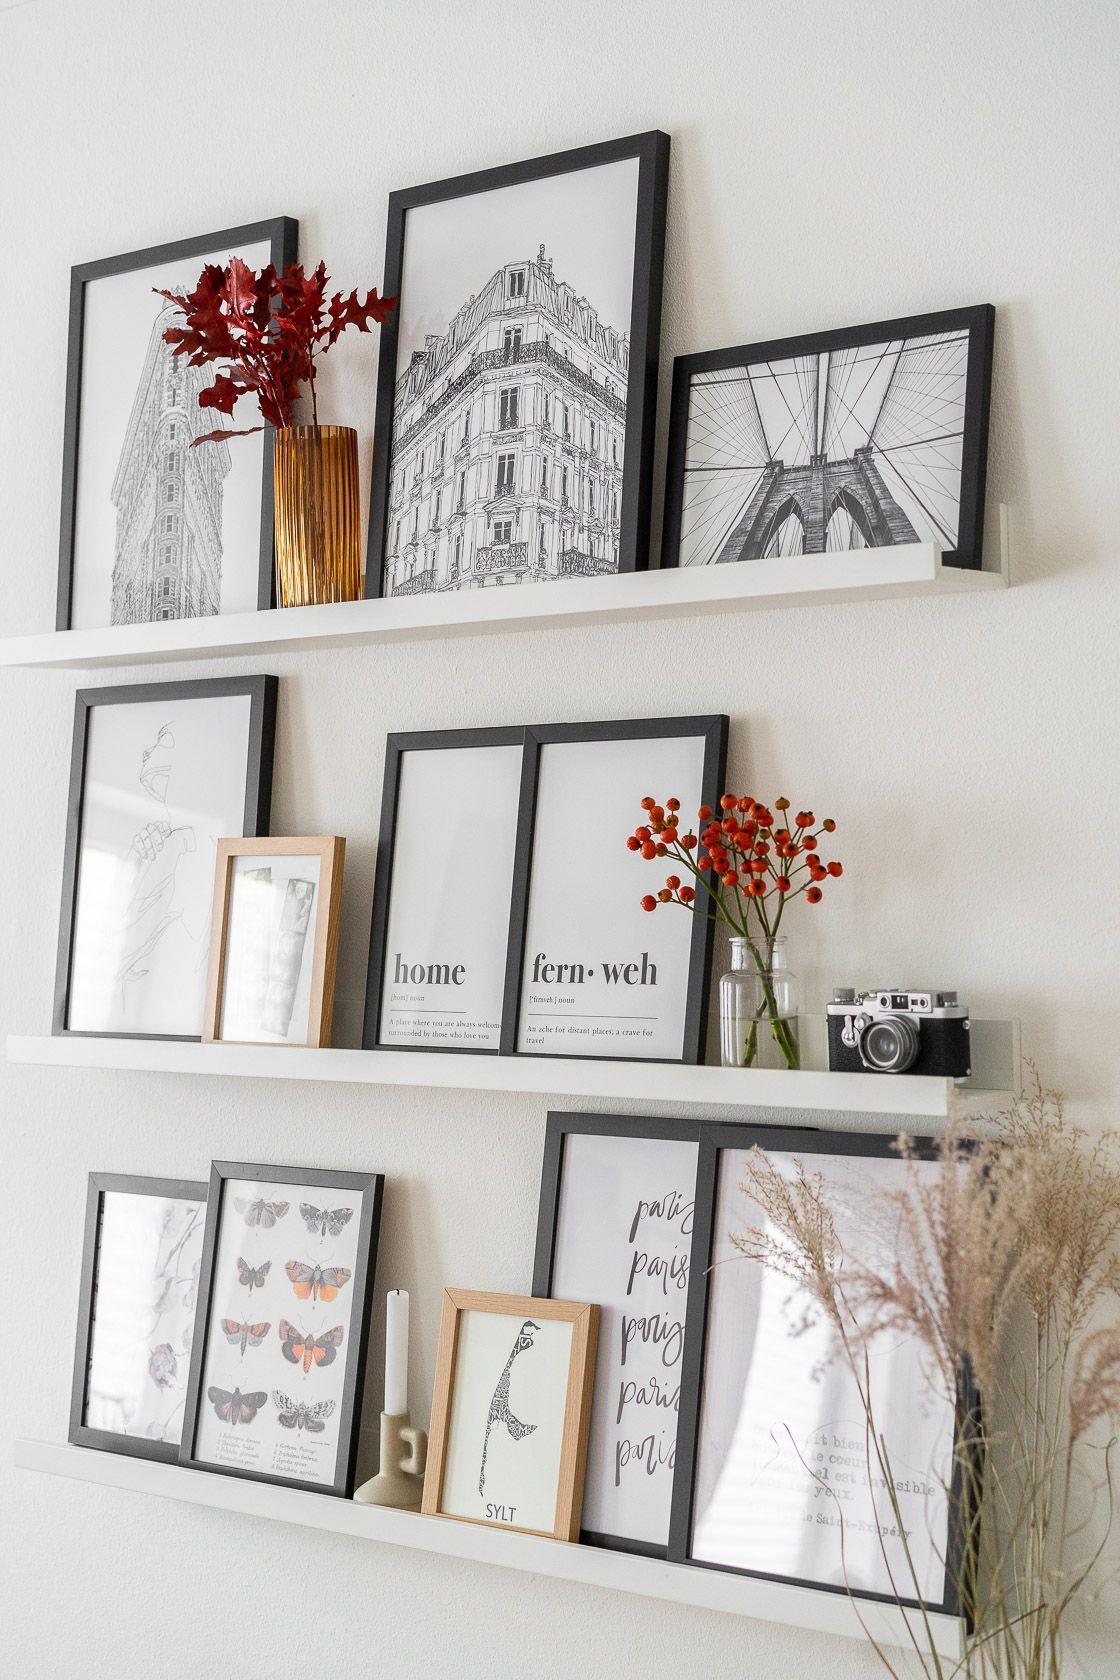 Fotowand gestalten – 5 Tipps & kreative Ideen